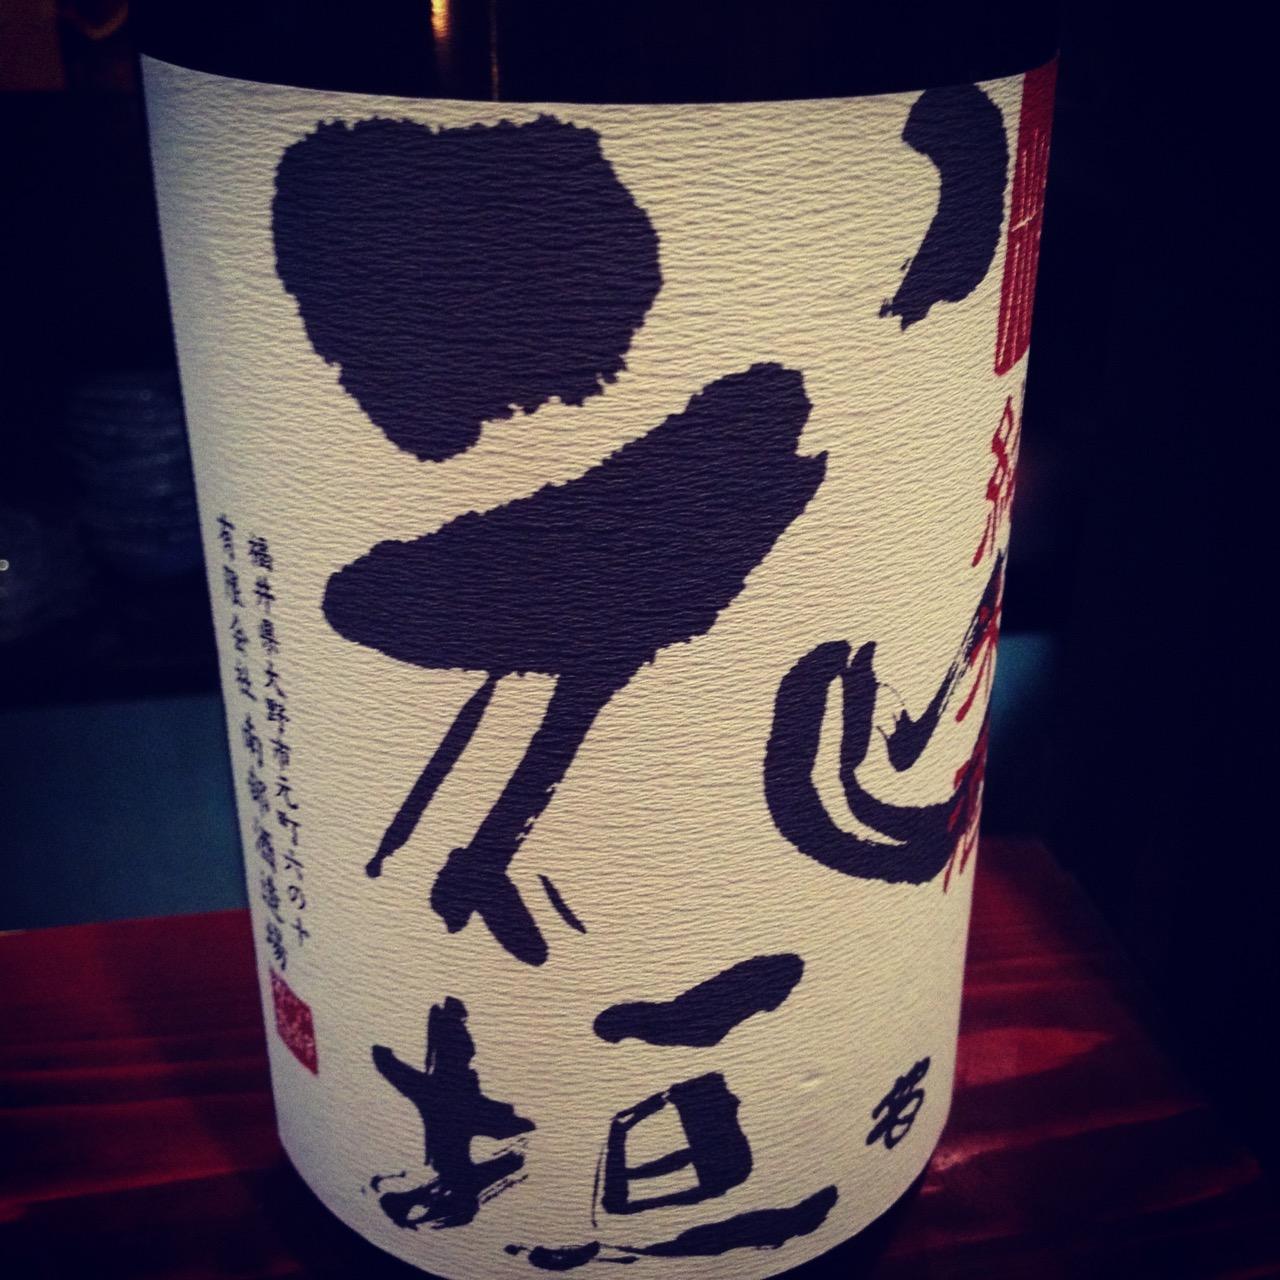 花垣 純米 無濾過生原酒 日本酒テイスティングノート